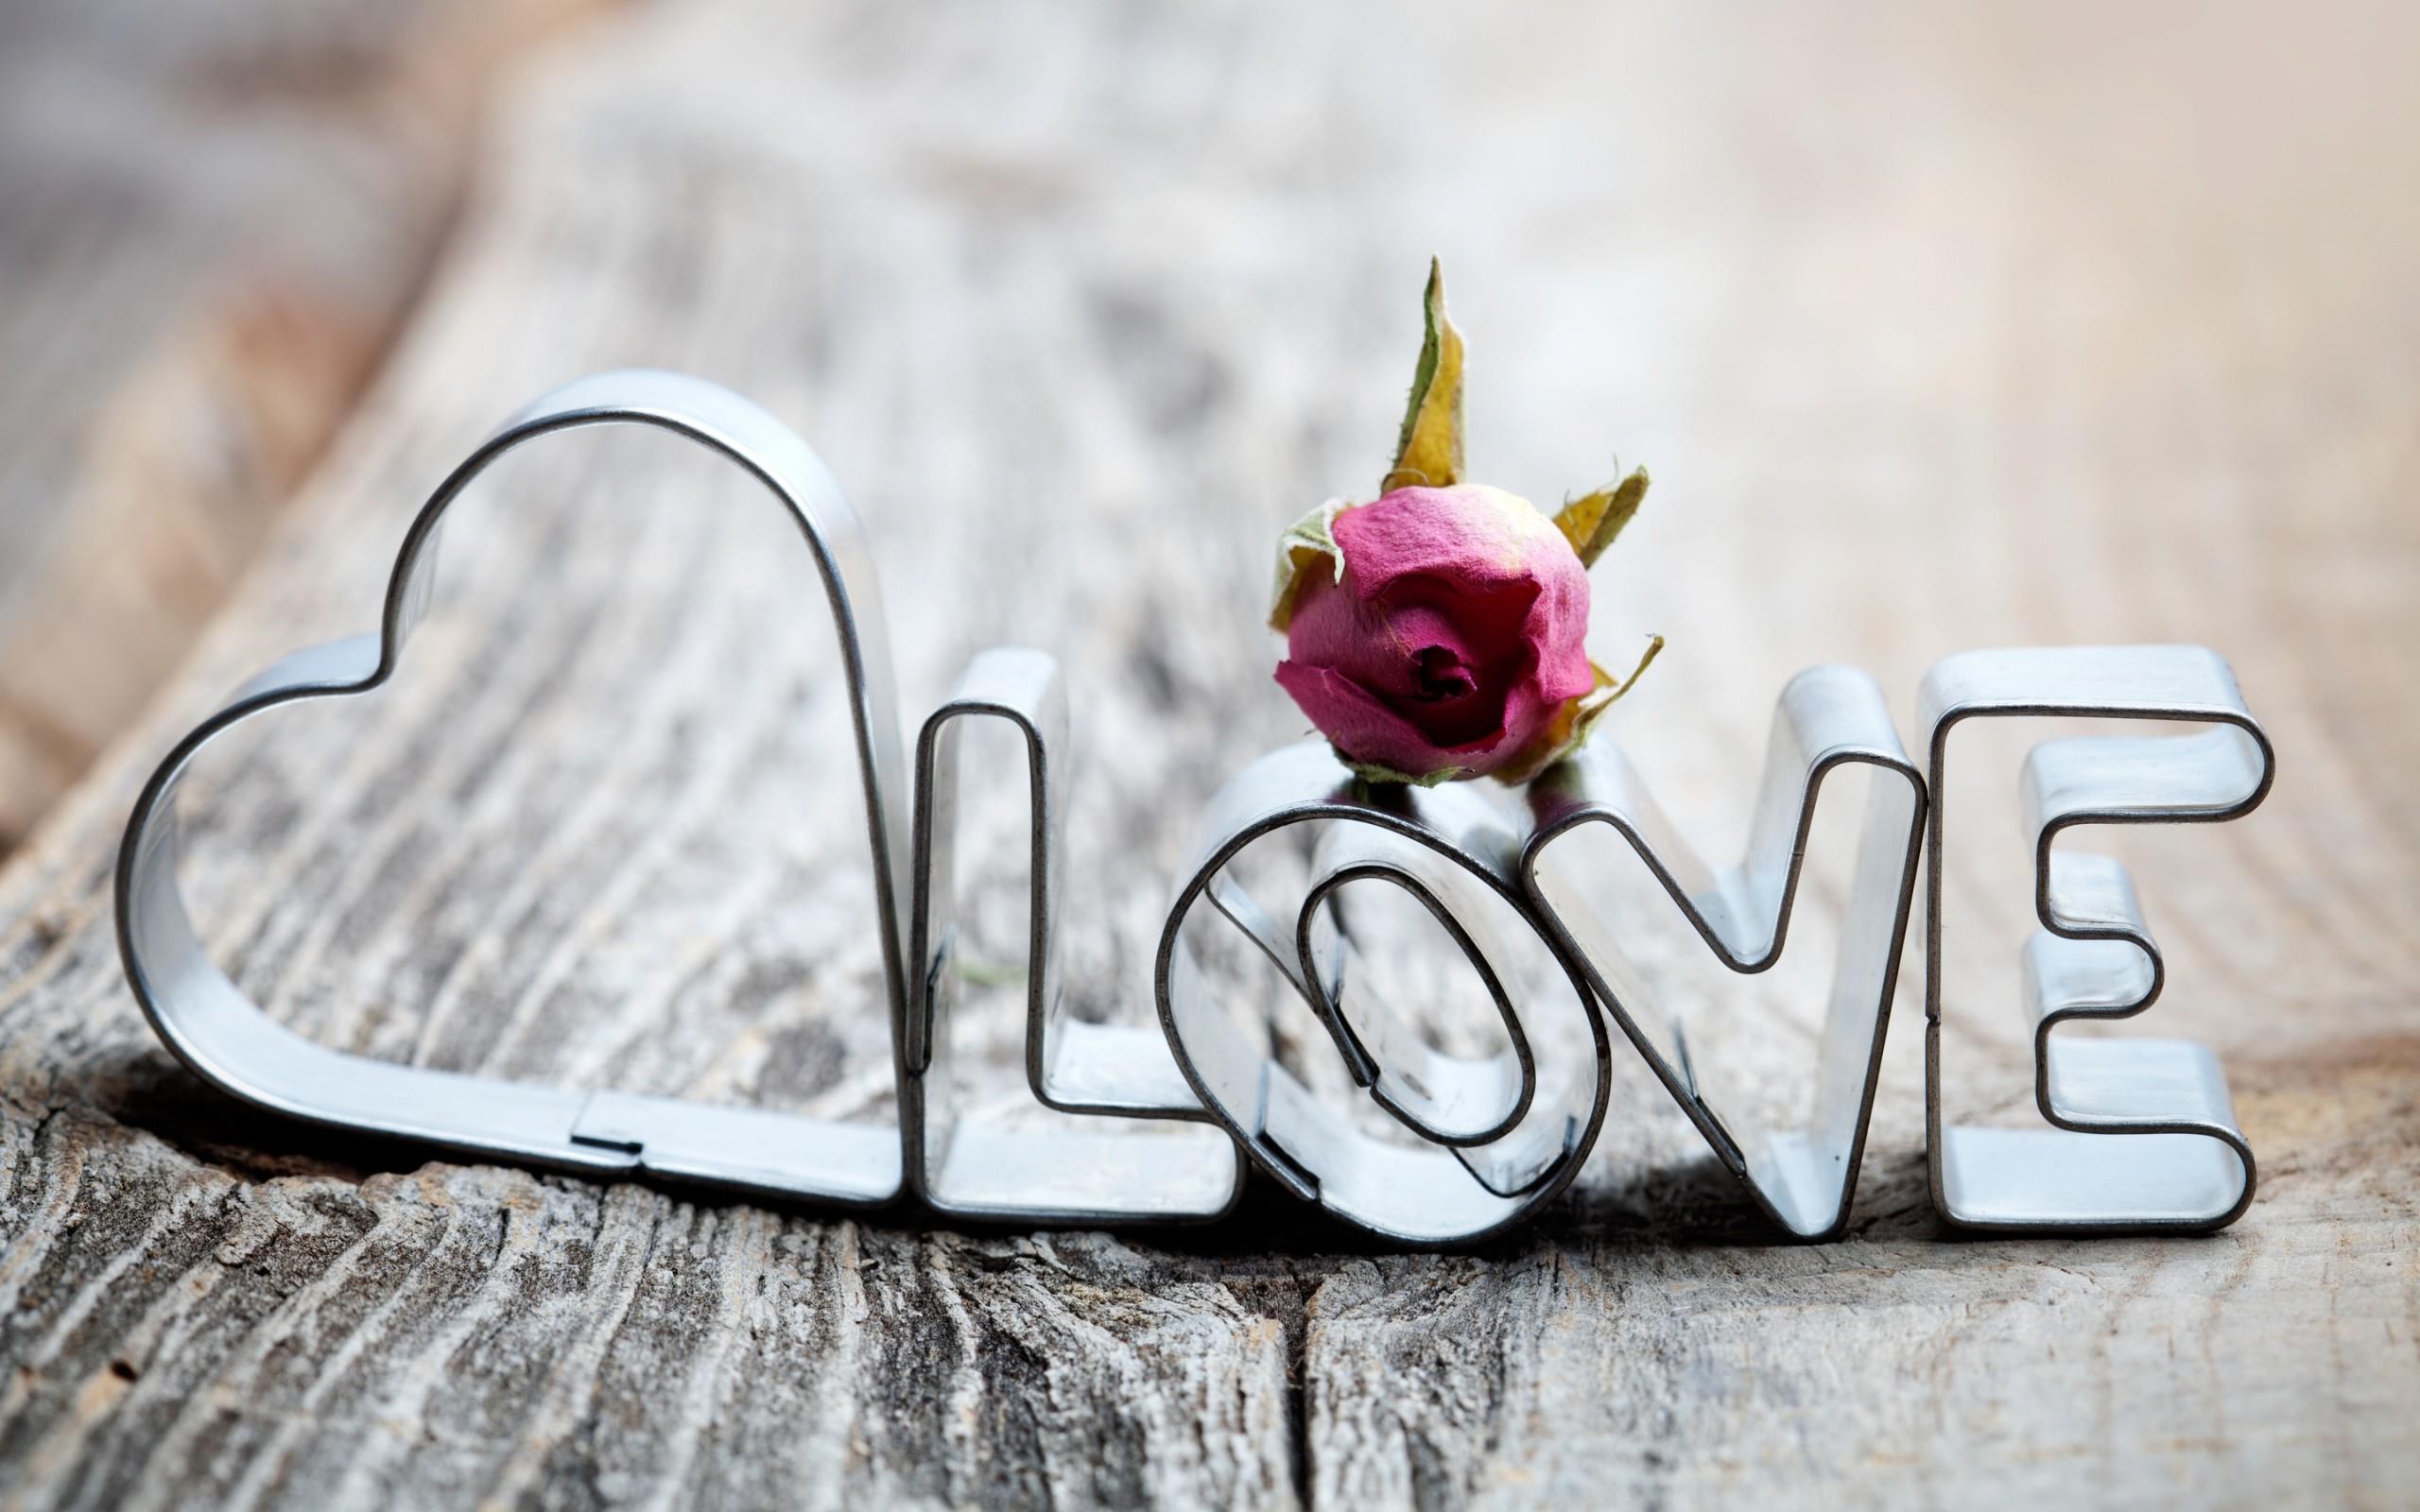 601161-cute-love